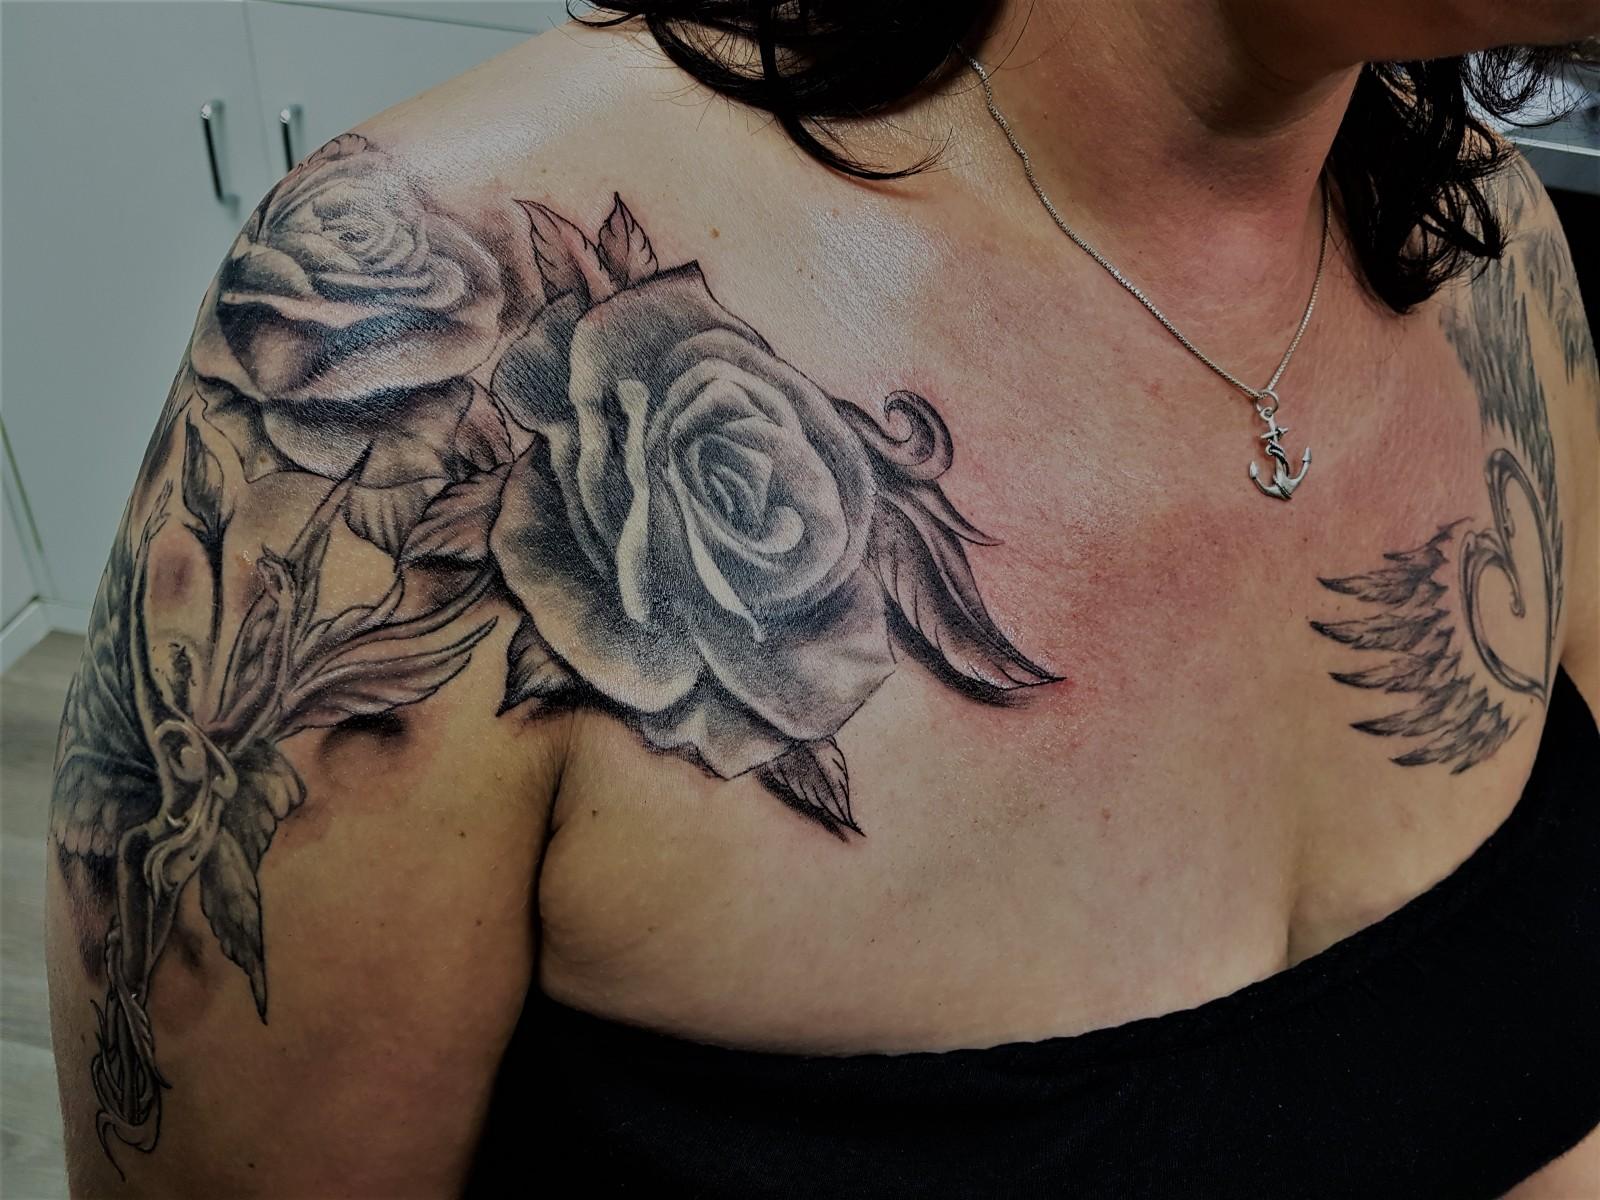 Das Tattoo mit der Elfe mit Rosen von vorne